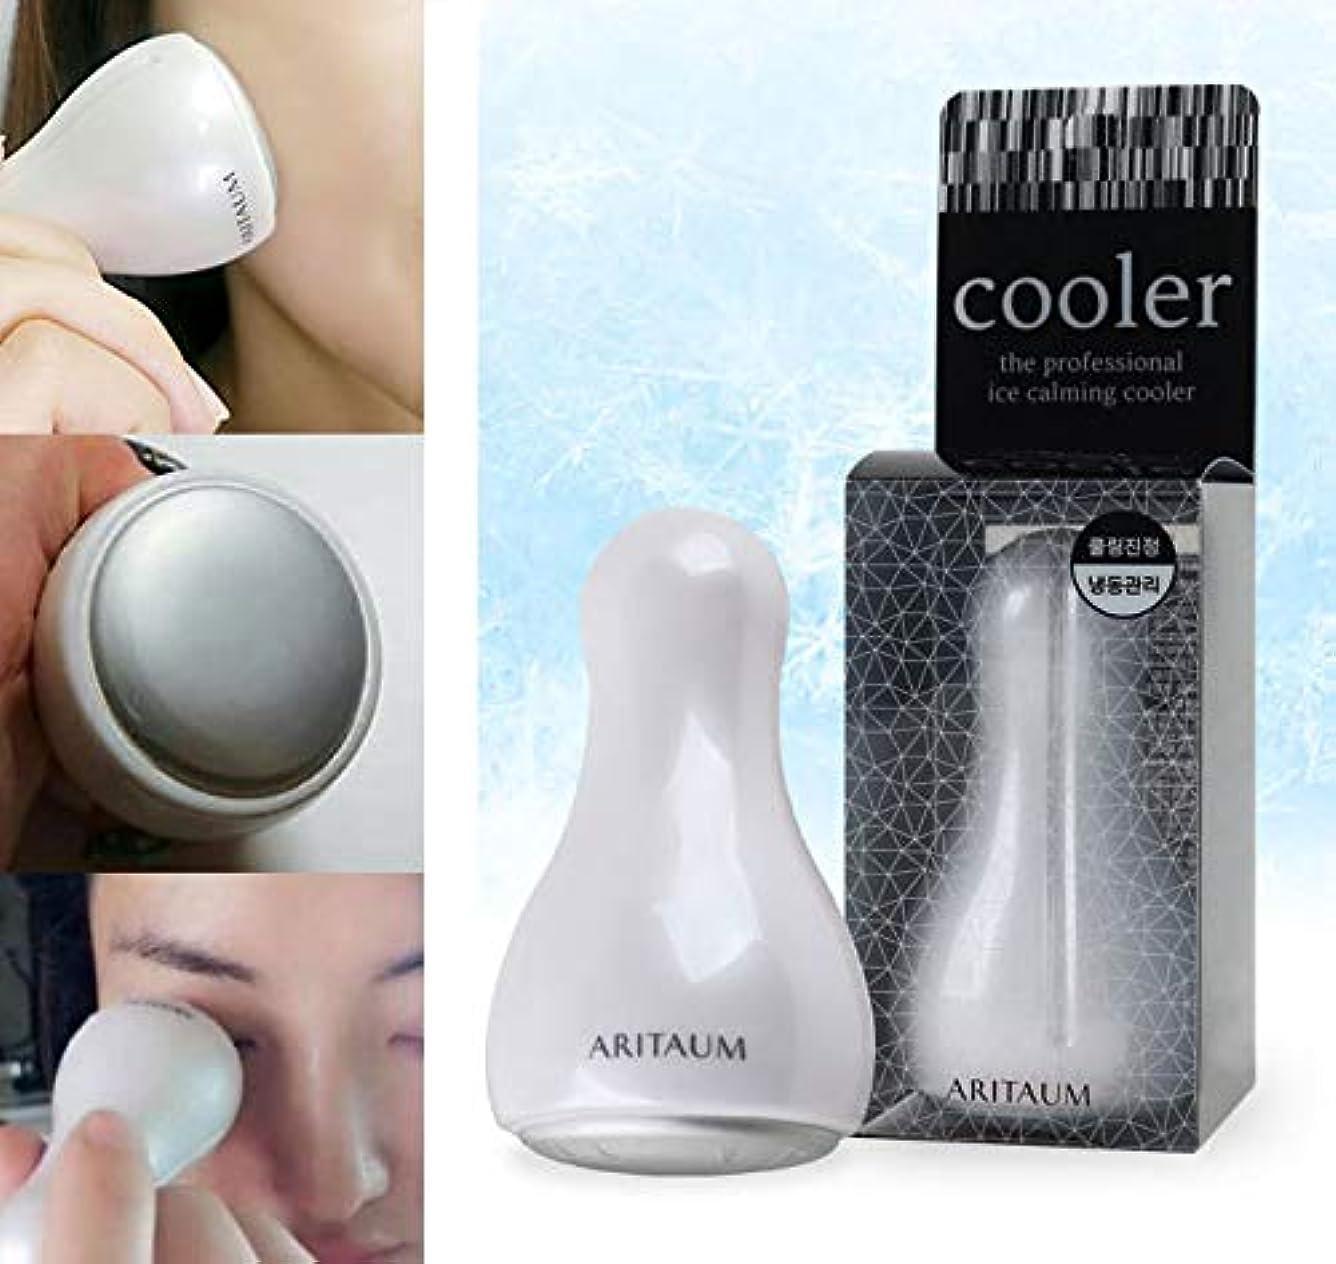 脈拍風が強い瀬戸際[Aritaum] アイスカミングクーラー3EA /Ice Calming Cooler 3EA / フェイスボディ用クールフローズン/スキンマッサージ/For Face Body Cool Frozen/skin massage...